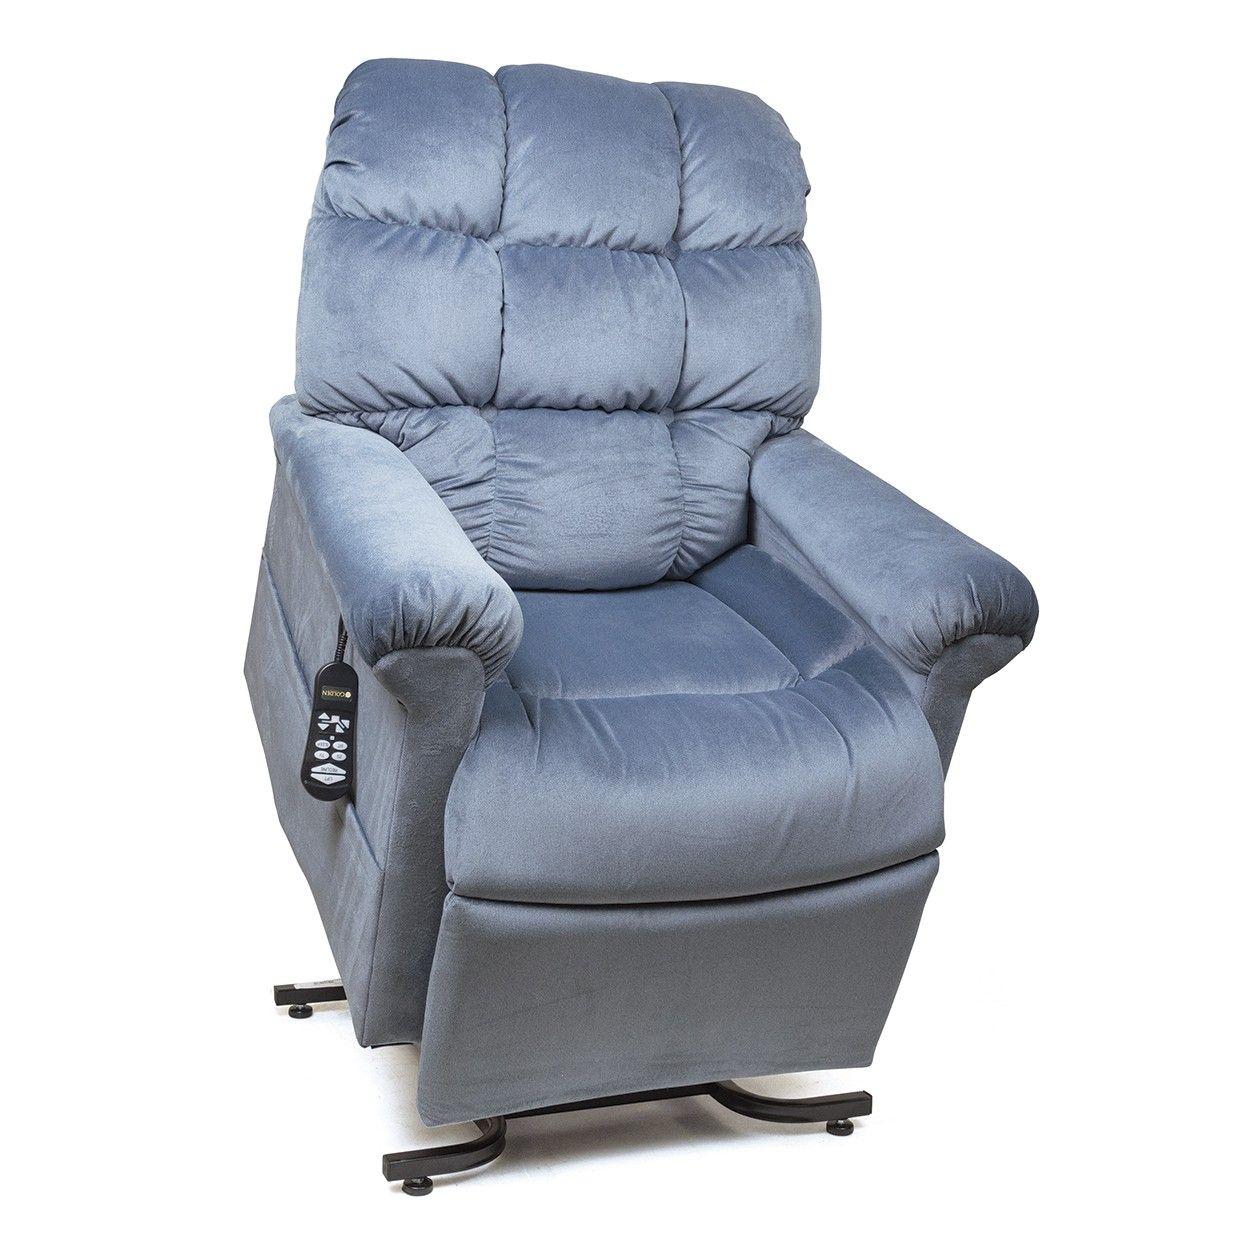 Golden cloud pr510 lift chair recliners